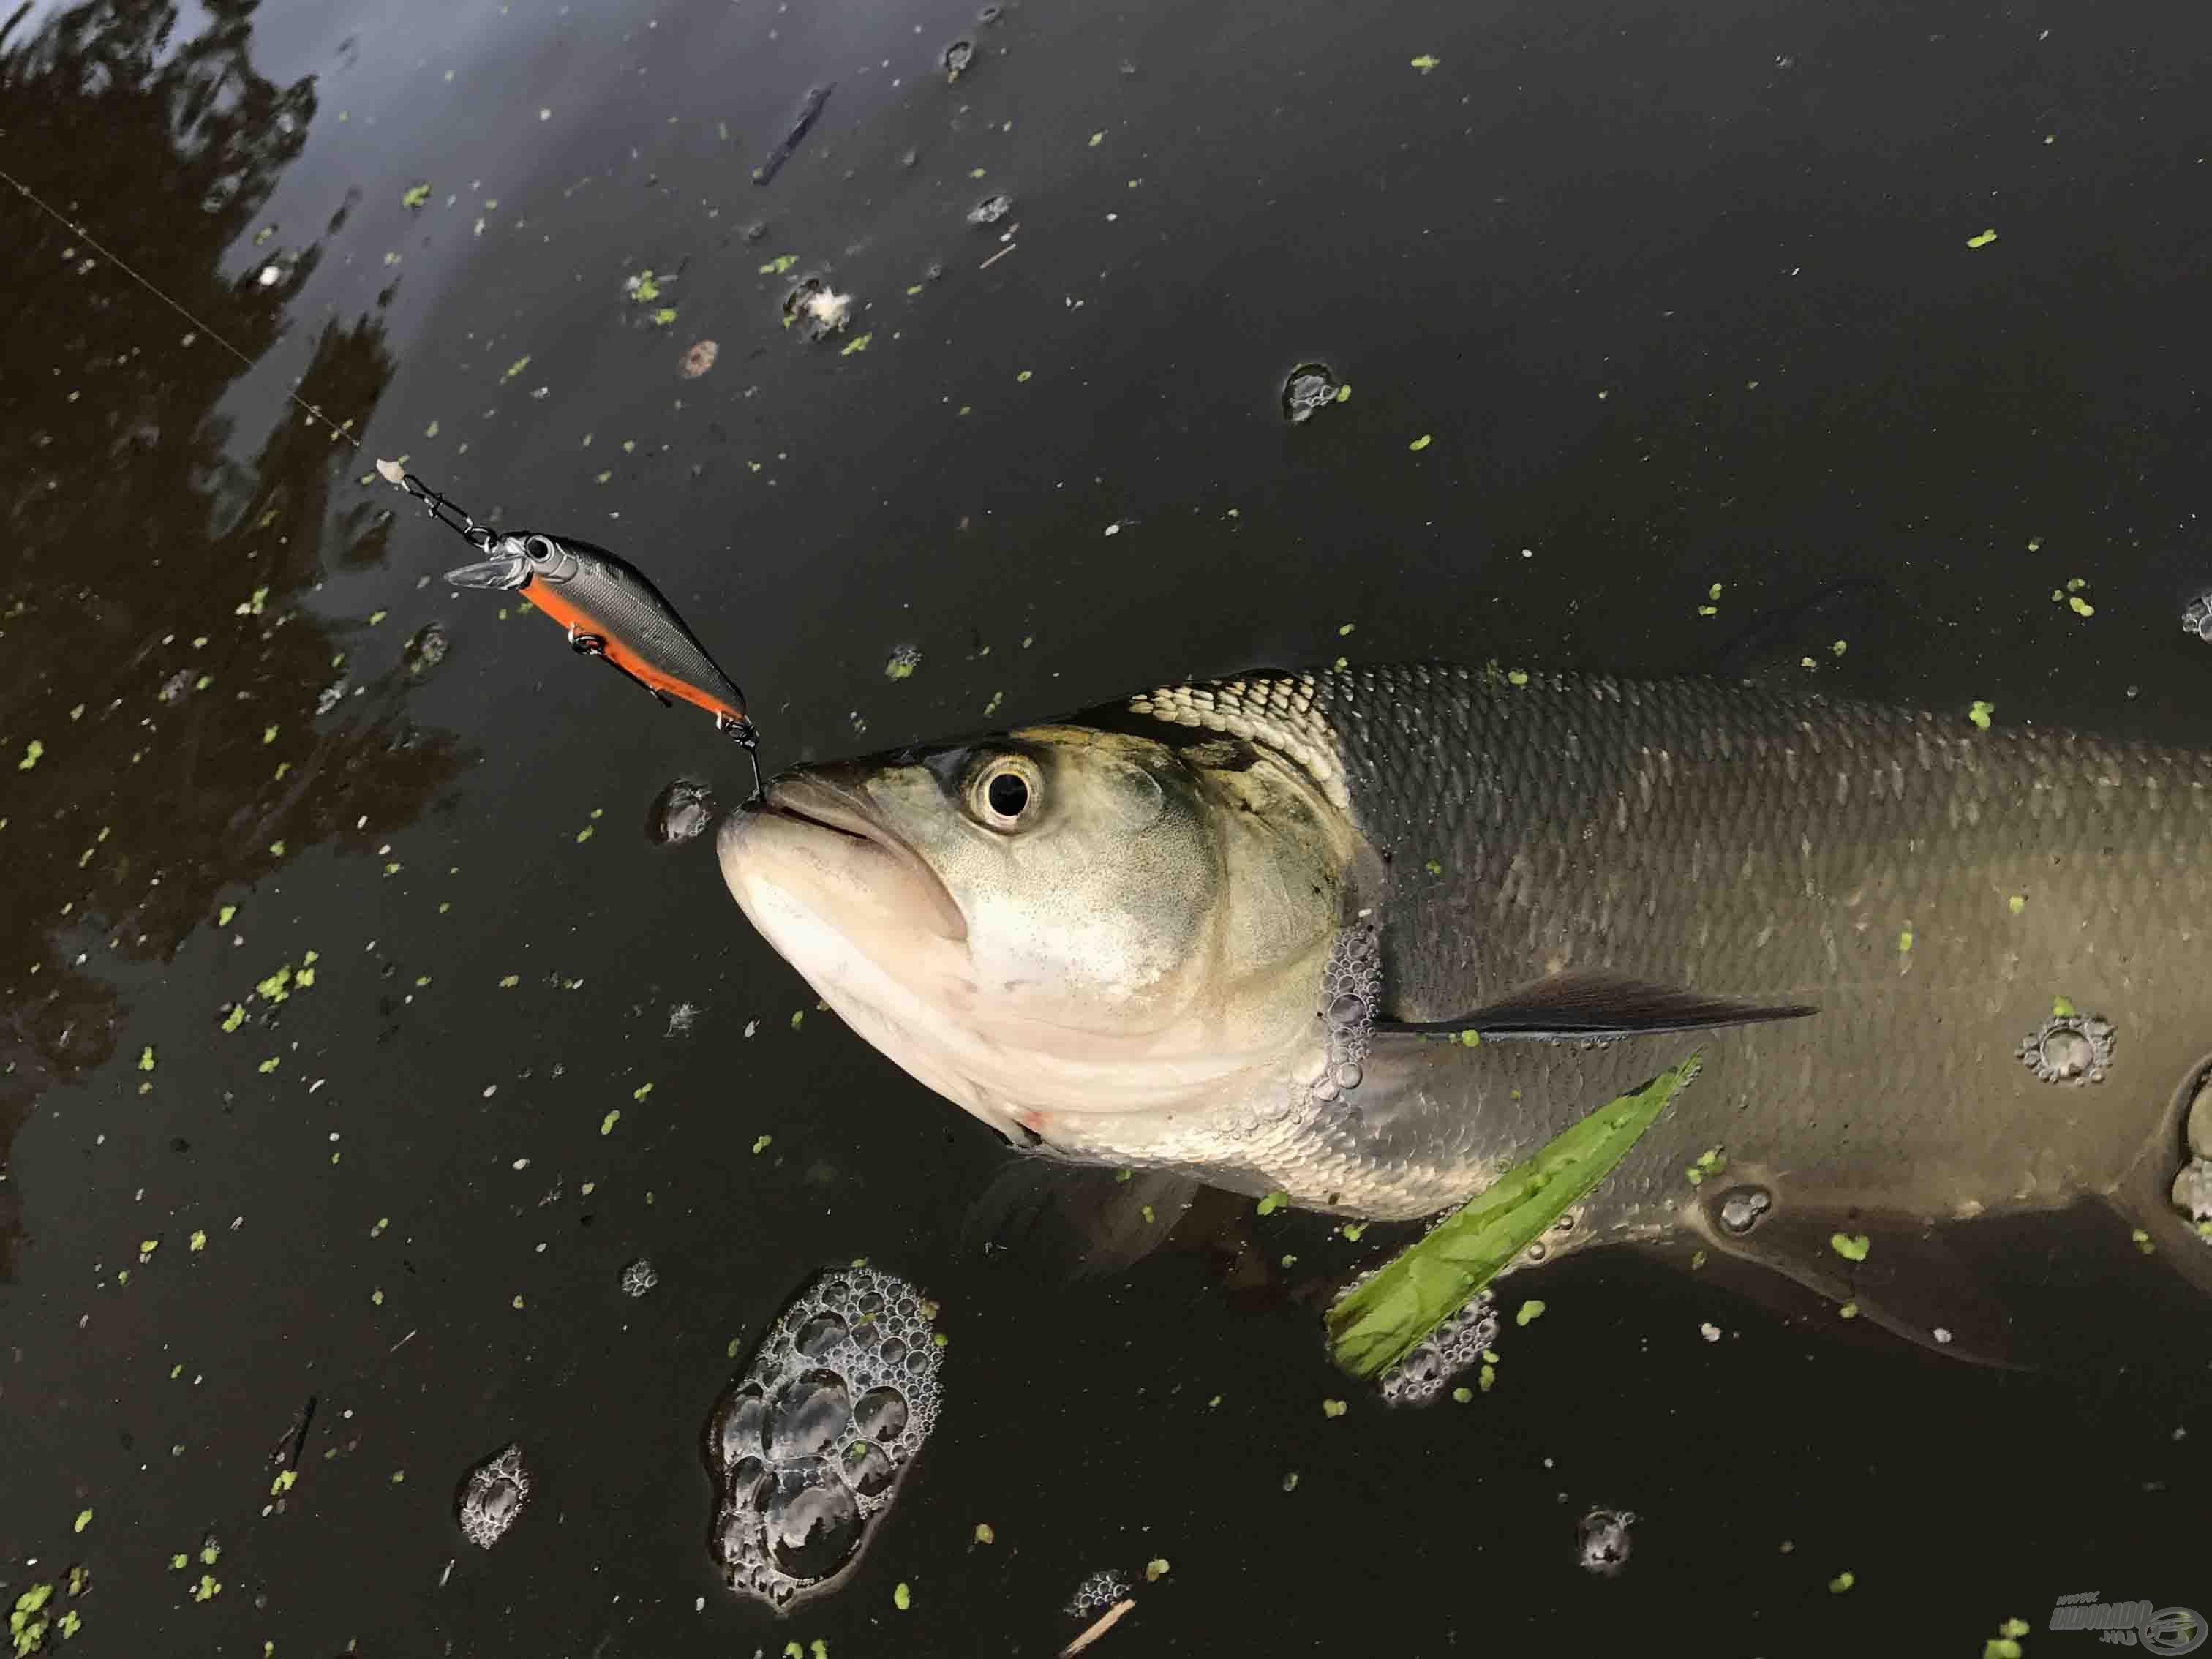 Az egyágú horog is megfogja a halat